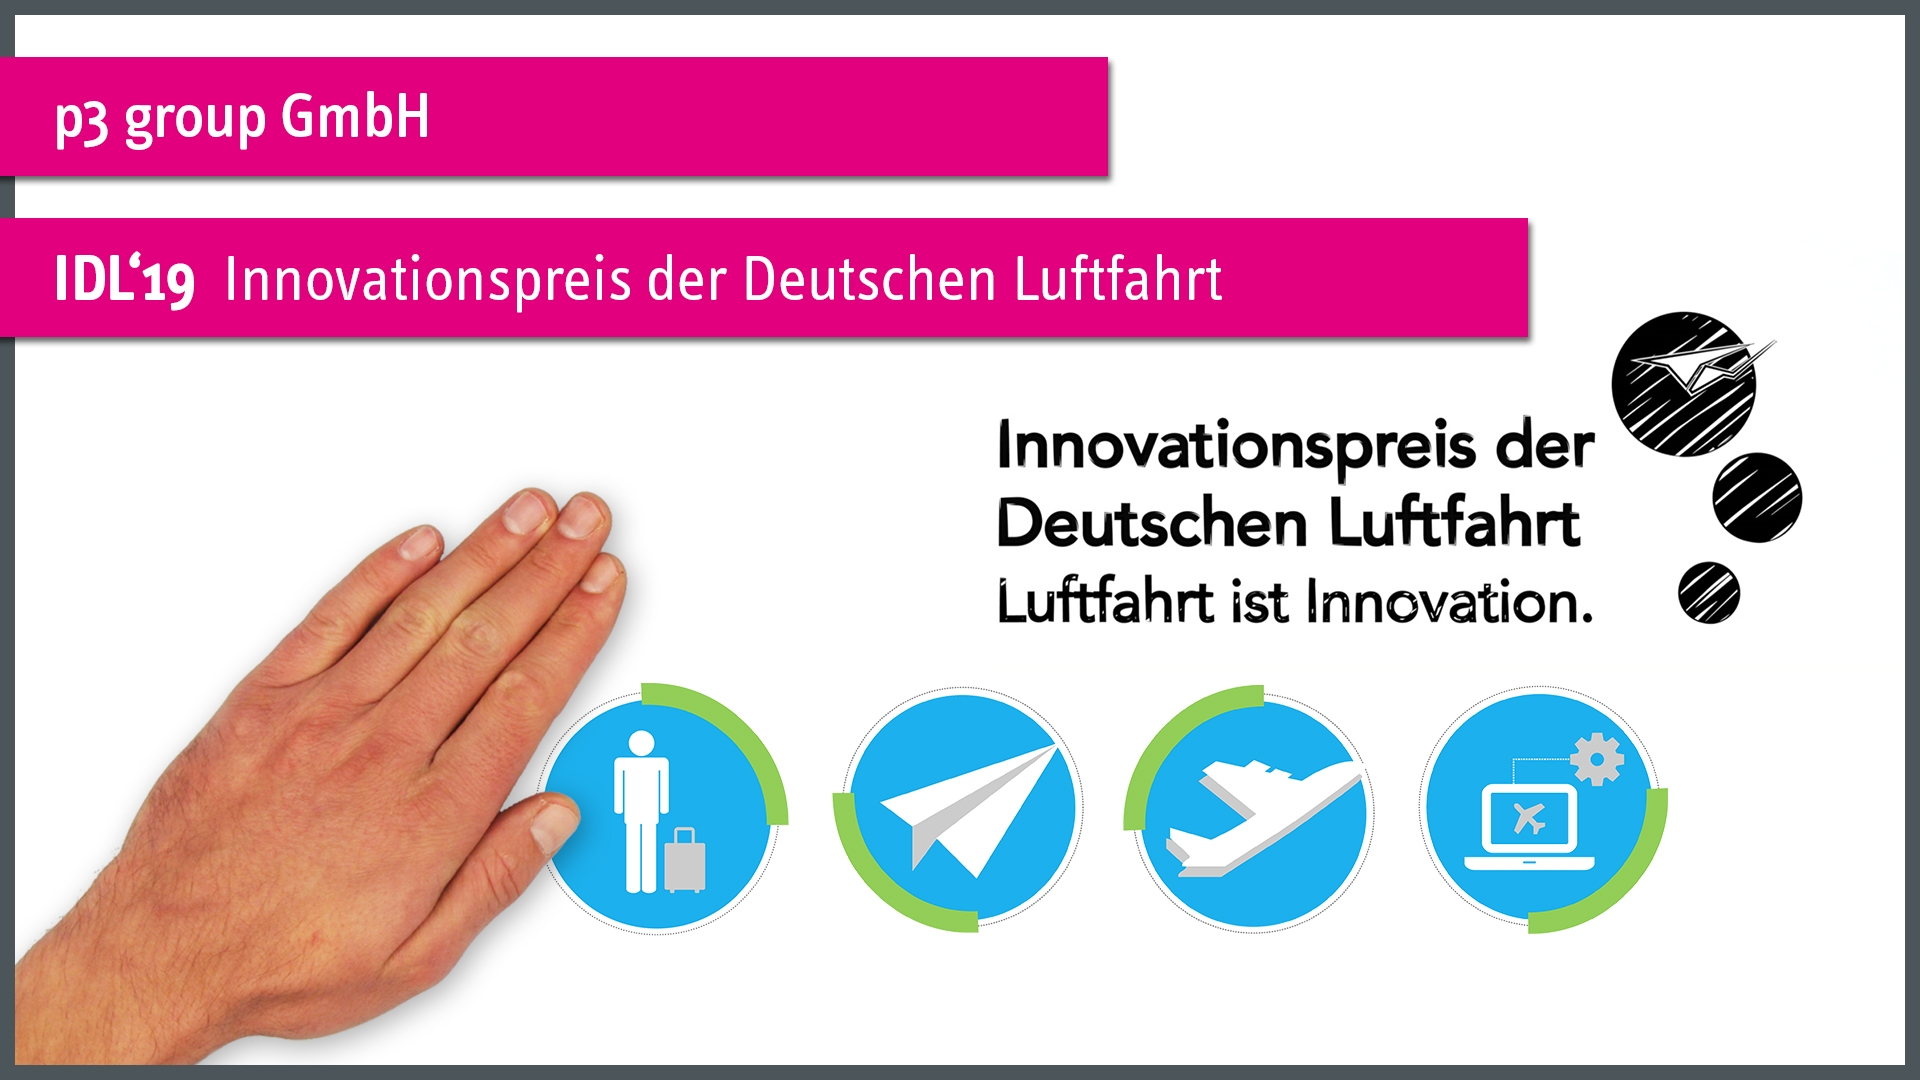 IDL'19 - Innovationspreis der Deutschen Luftfahrt